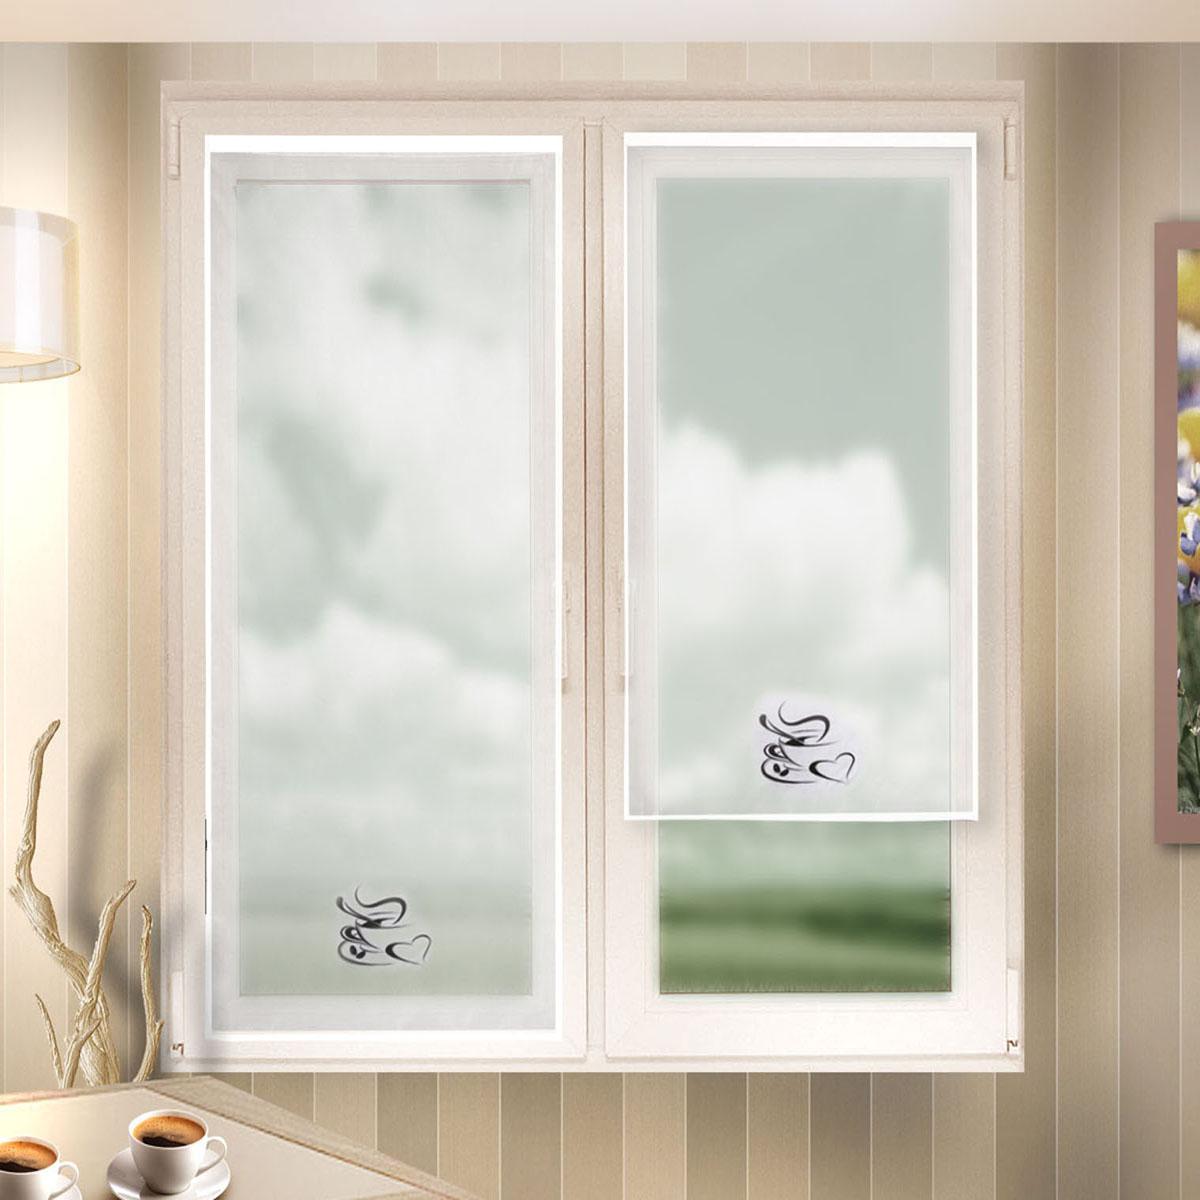 Гардина Zlata Korunka, на липкой ленте, цвет: белый, высота 120 см. 666021/1666021/1Гардина на липкой ленте Zlata Korunka, изготовленная из полиэстера, станет великолепным украшением любого окна. Полотно из белой вуали с печатным рисунком привлечет к себе внимание и органично впишется в интерьер комнаты. Лучшая альтернатива рулонным шторам - шторы на липкой ленте. Особенность этих штор заключается в том, что они имеют липкую основу в месте крепления. Лента или основа надежно и быстро крепится на раму окна, а на нее фиксируется сама штора.